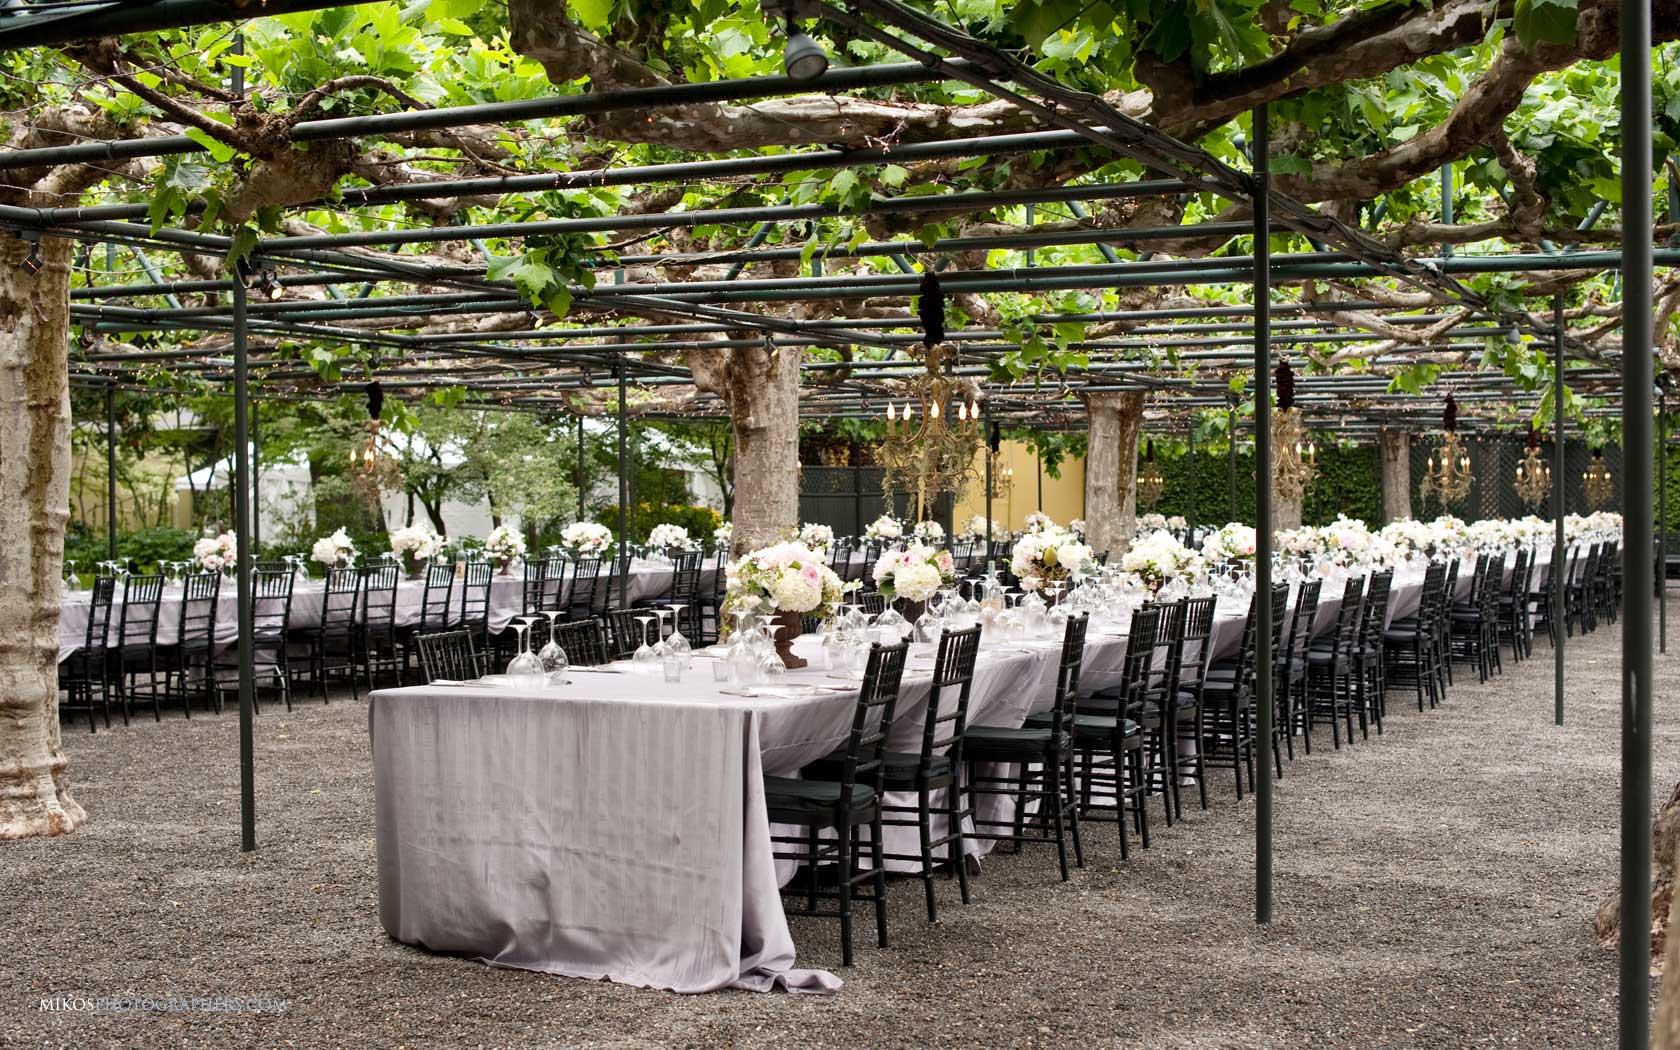 beaulieu-gardens-wedding-photography-05.JPG